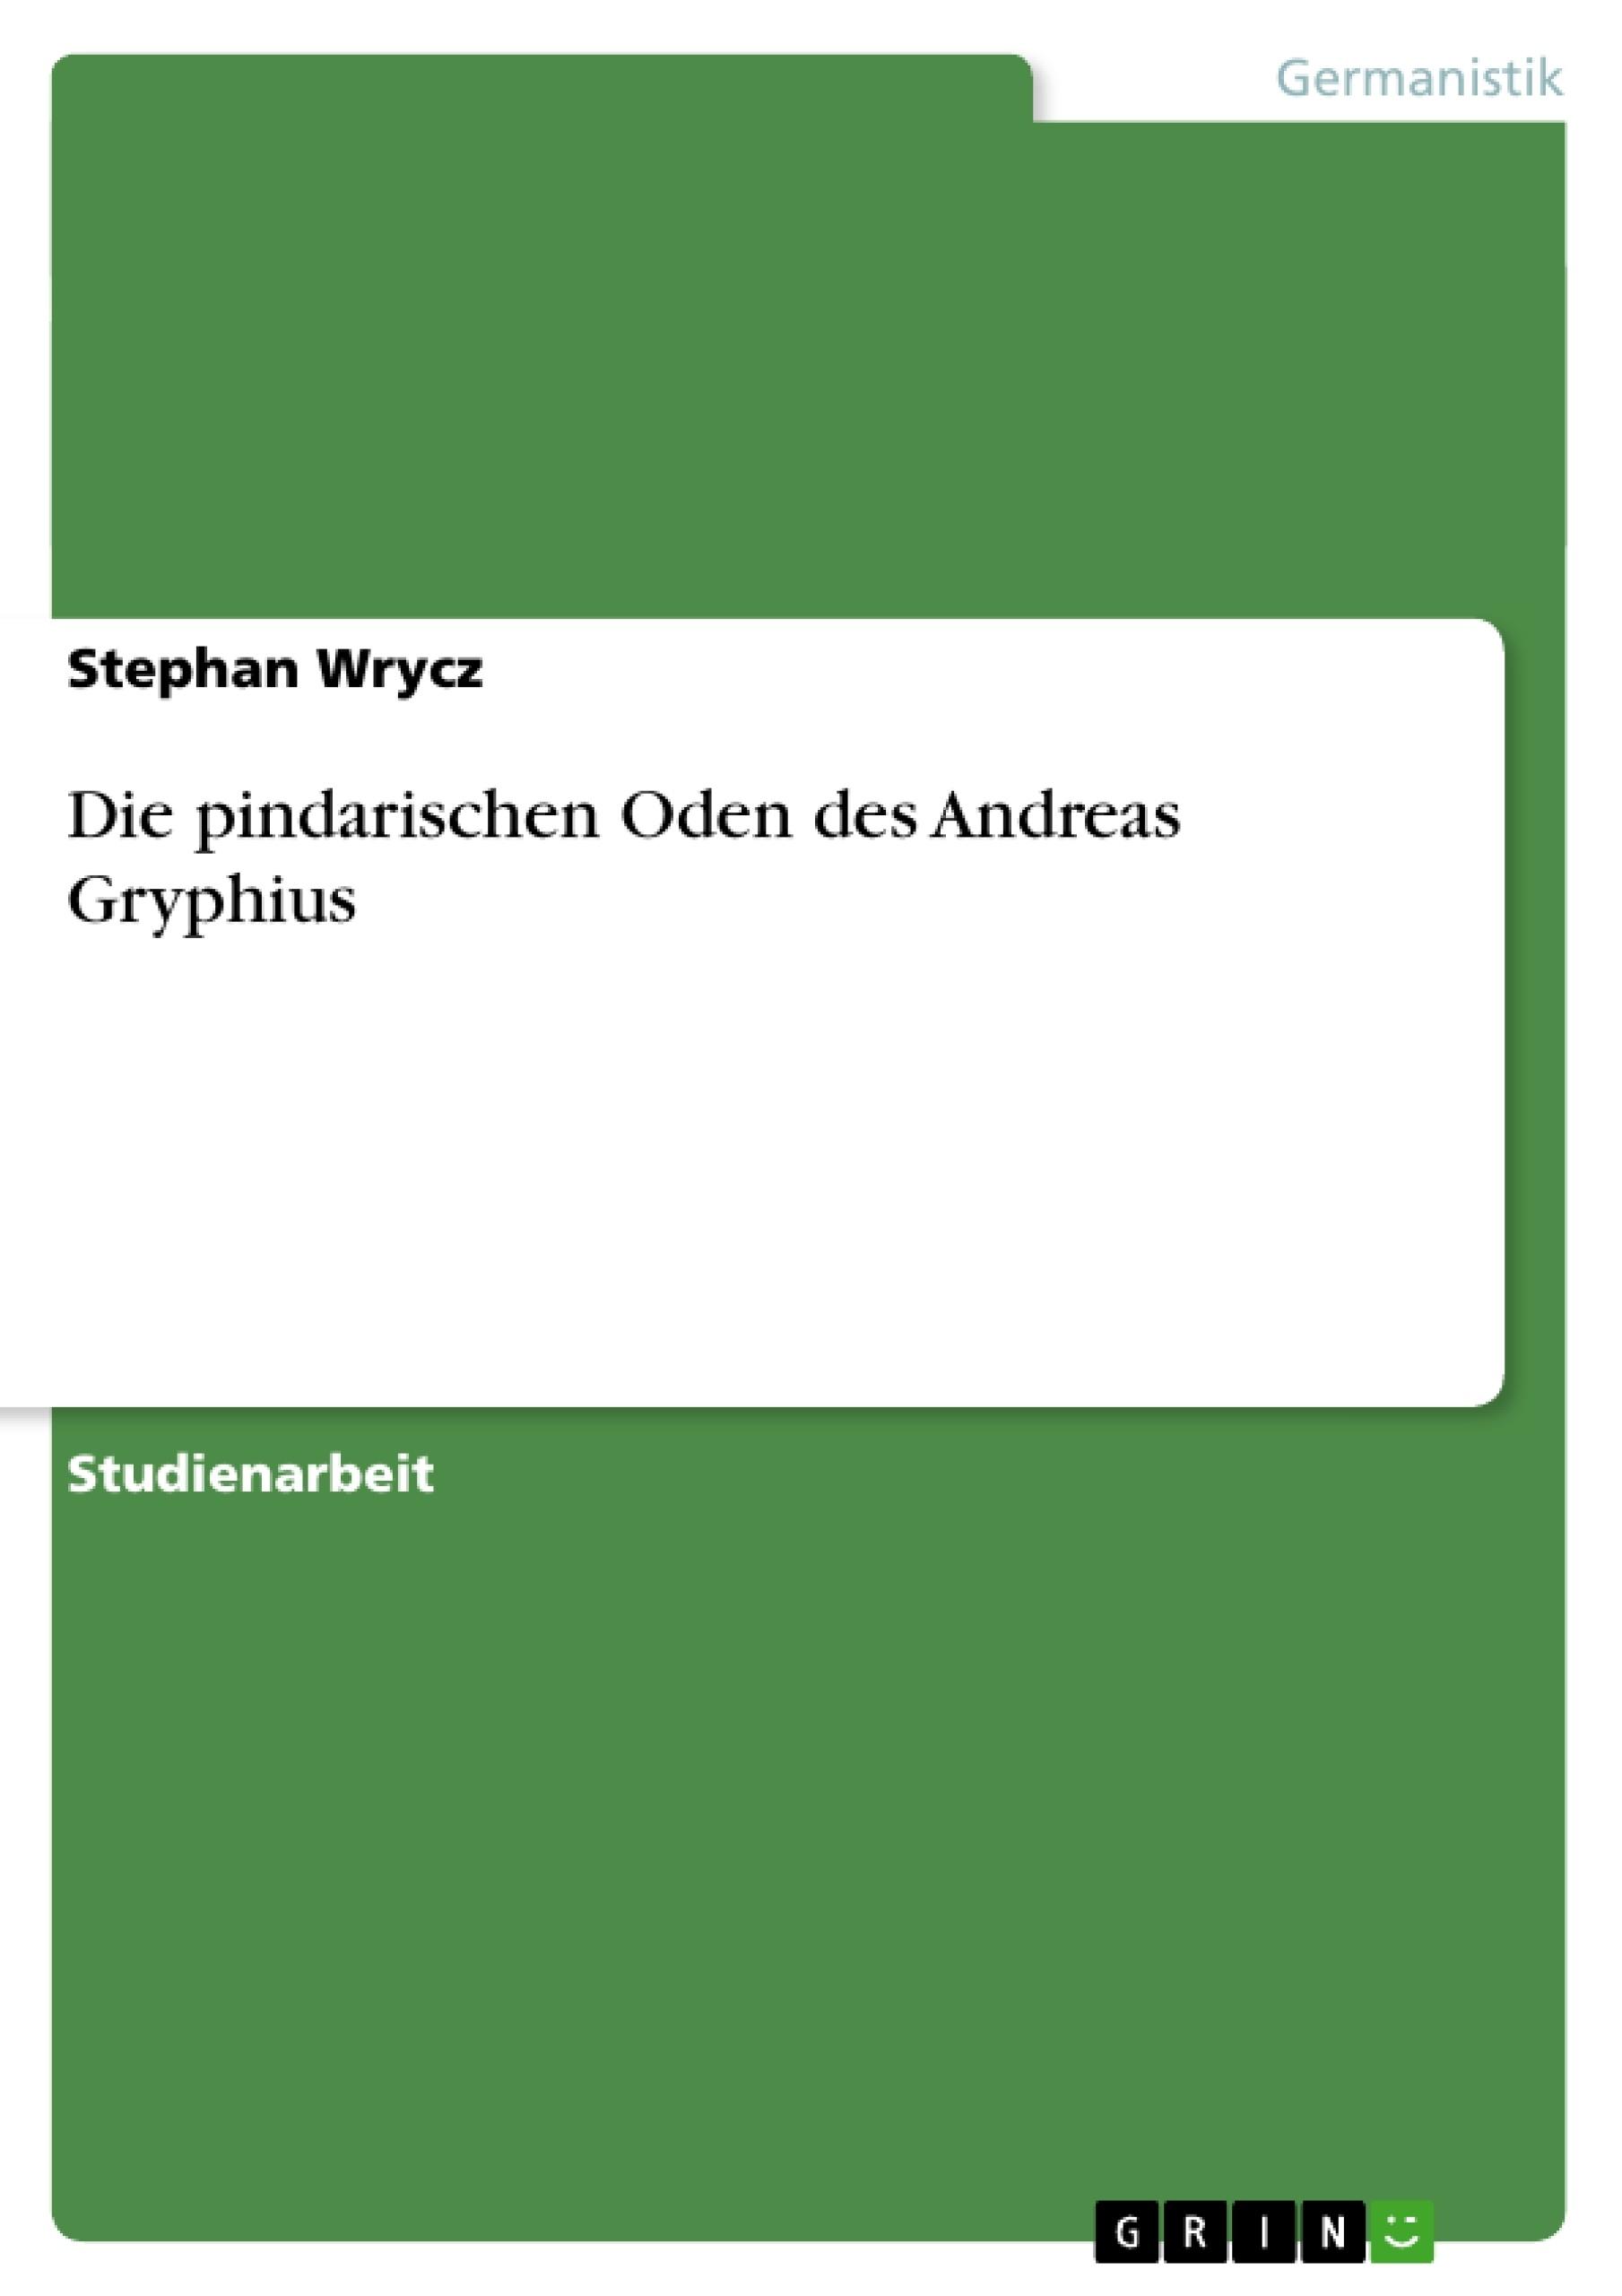 Titel: Die pindarischen Oden des Andreas Gryphius